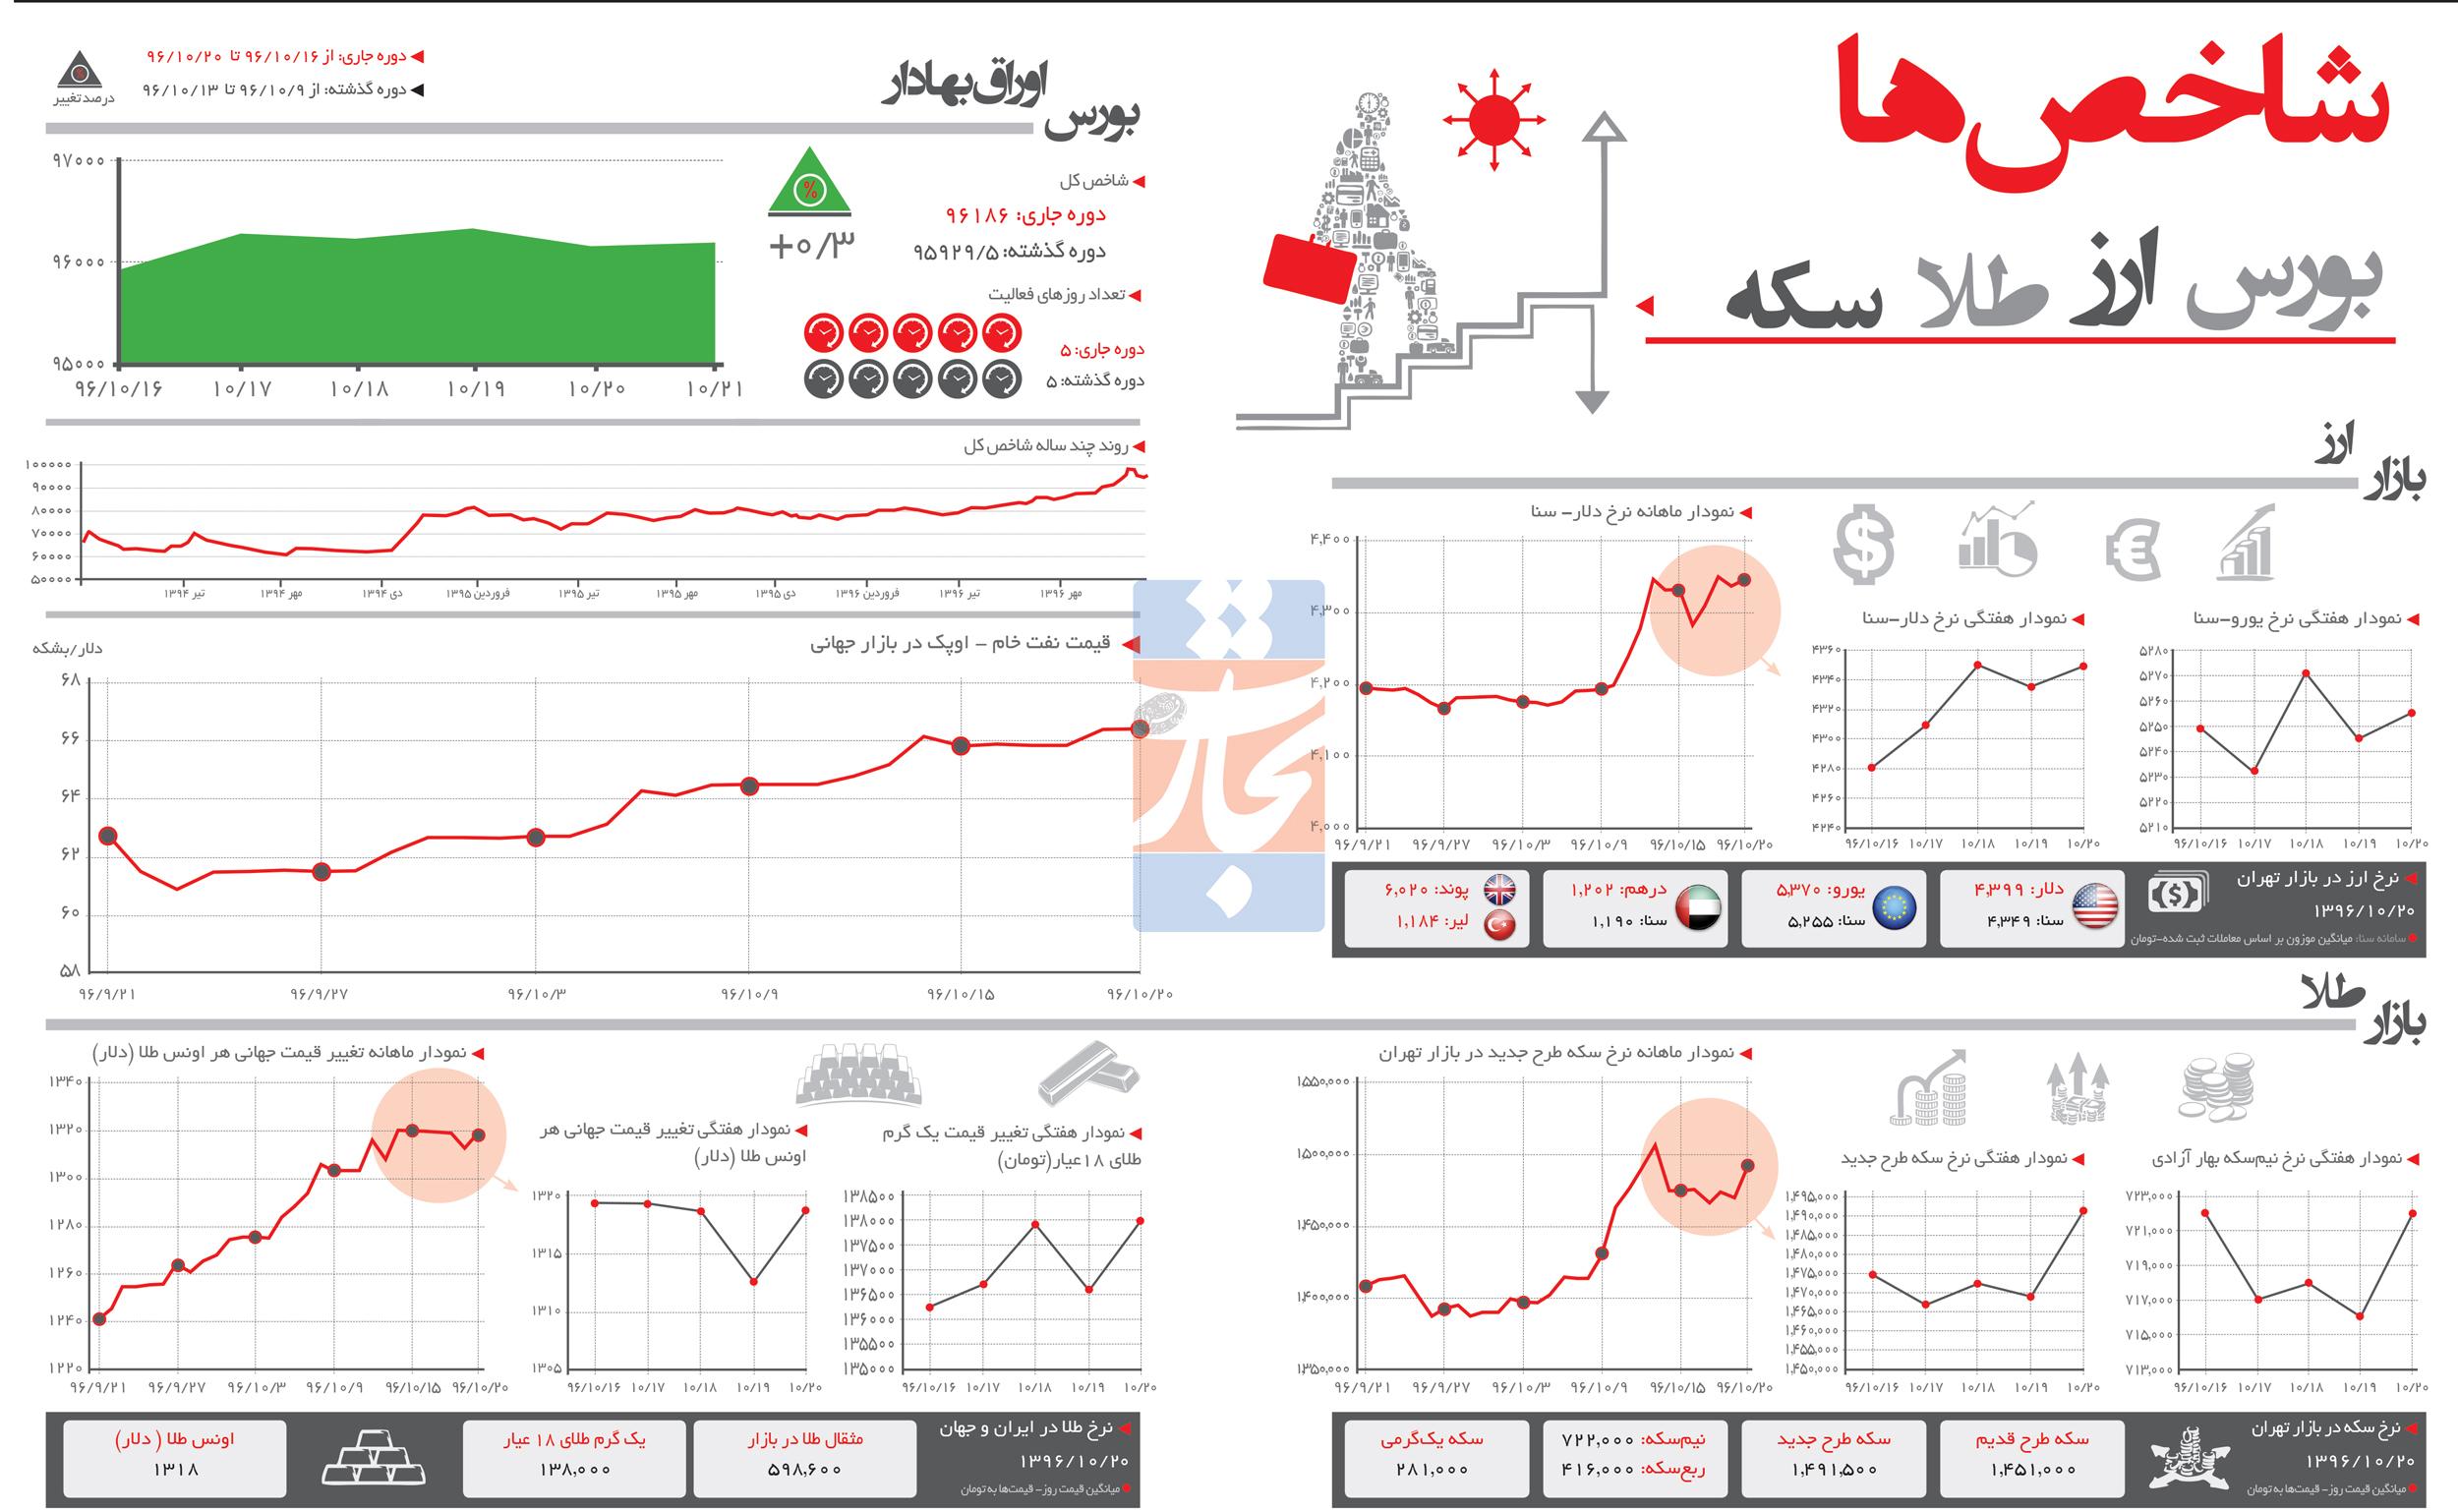 تجارت فردا- اینفوگرافیک- شاخصهای اقتصادی (254)